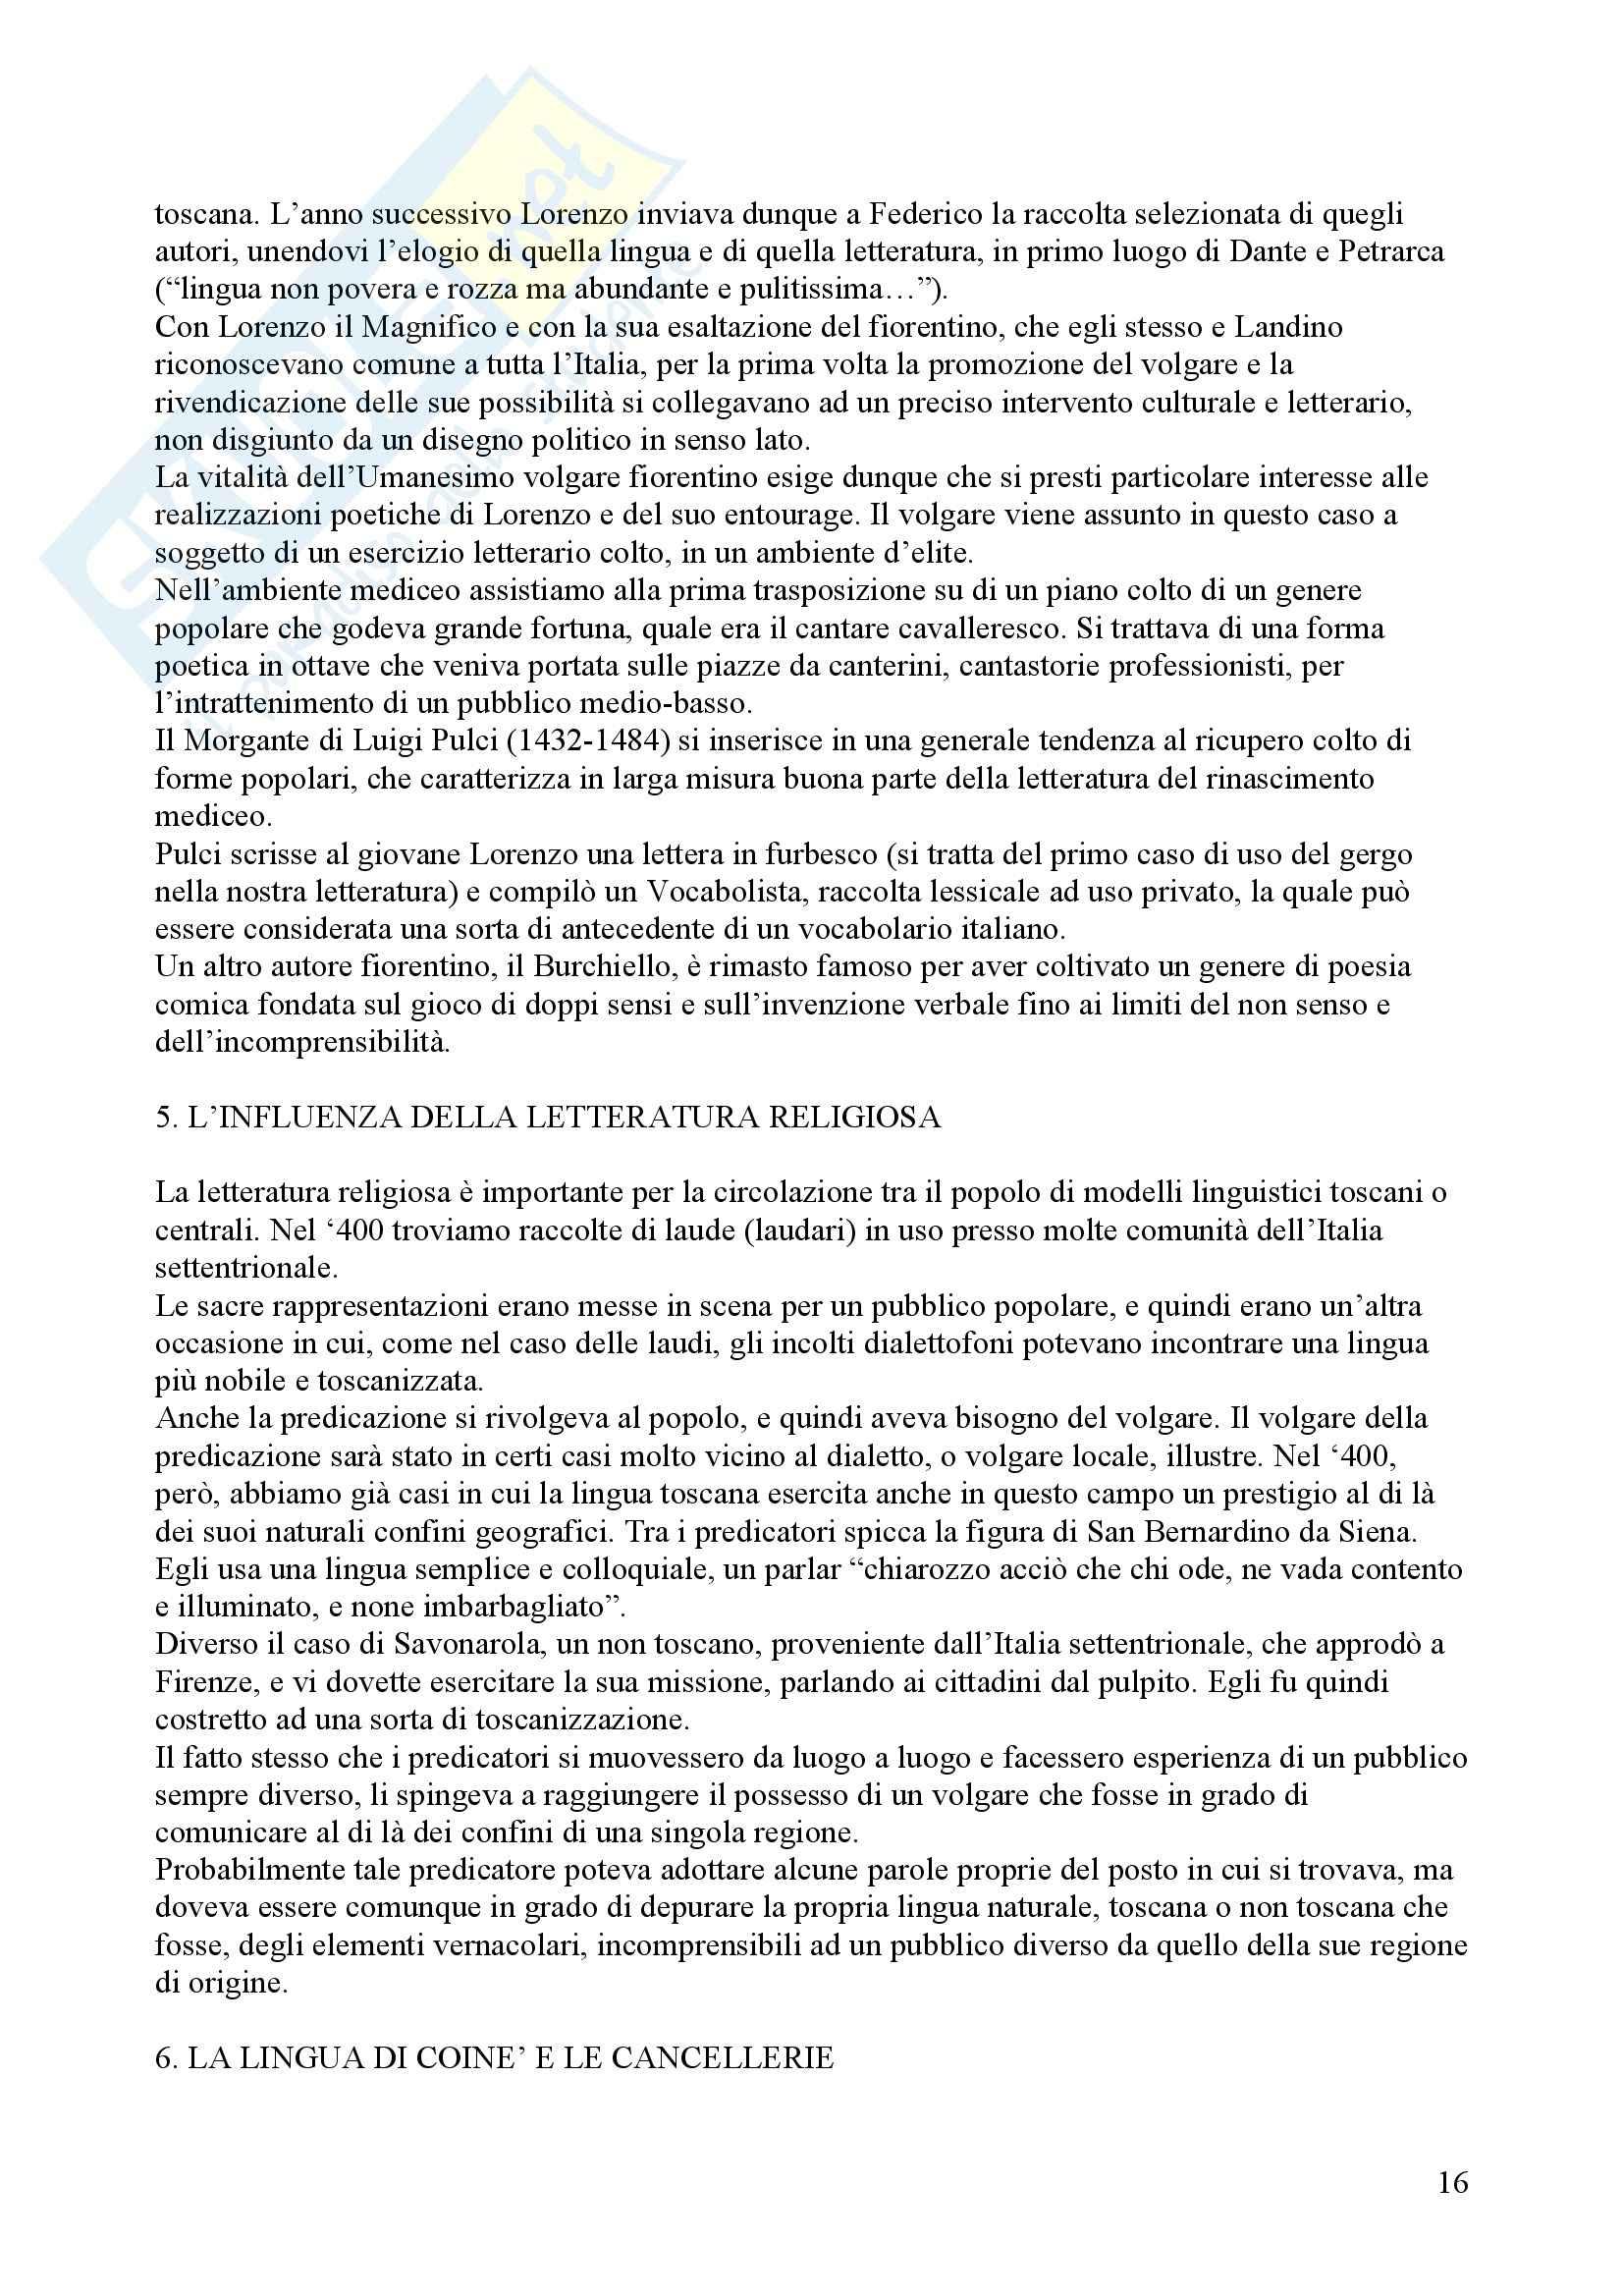 Tecniche espressive e composizione testi in italiano - Claudio Marazzini - breve storia della lingua italiana Pag. 16